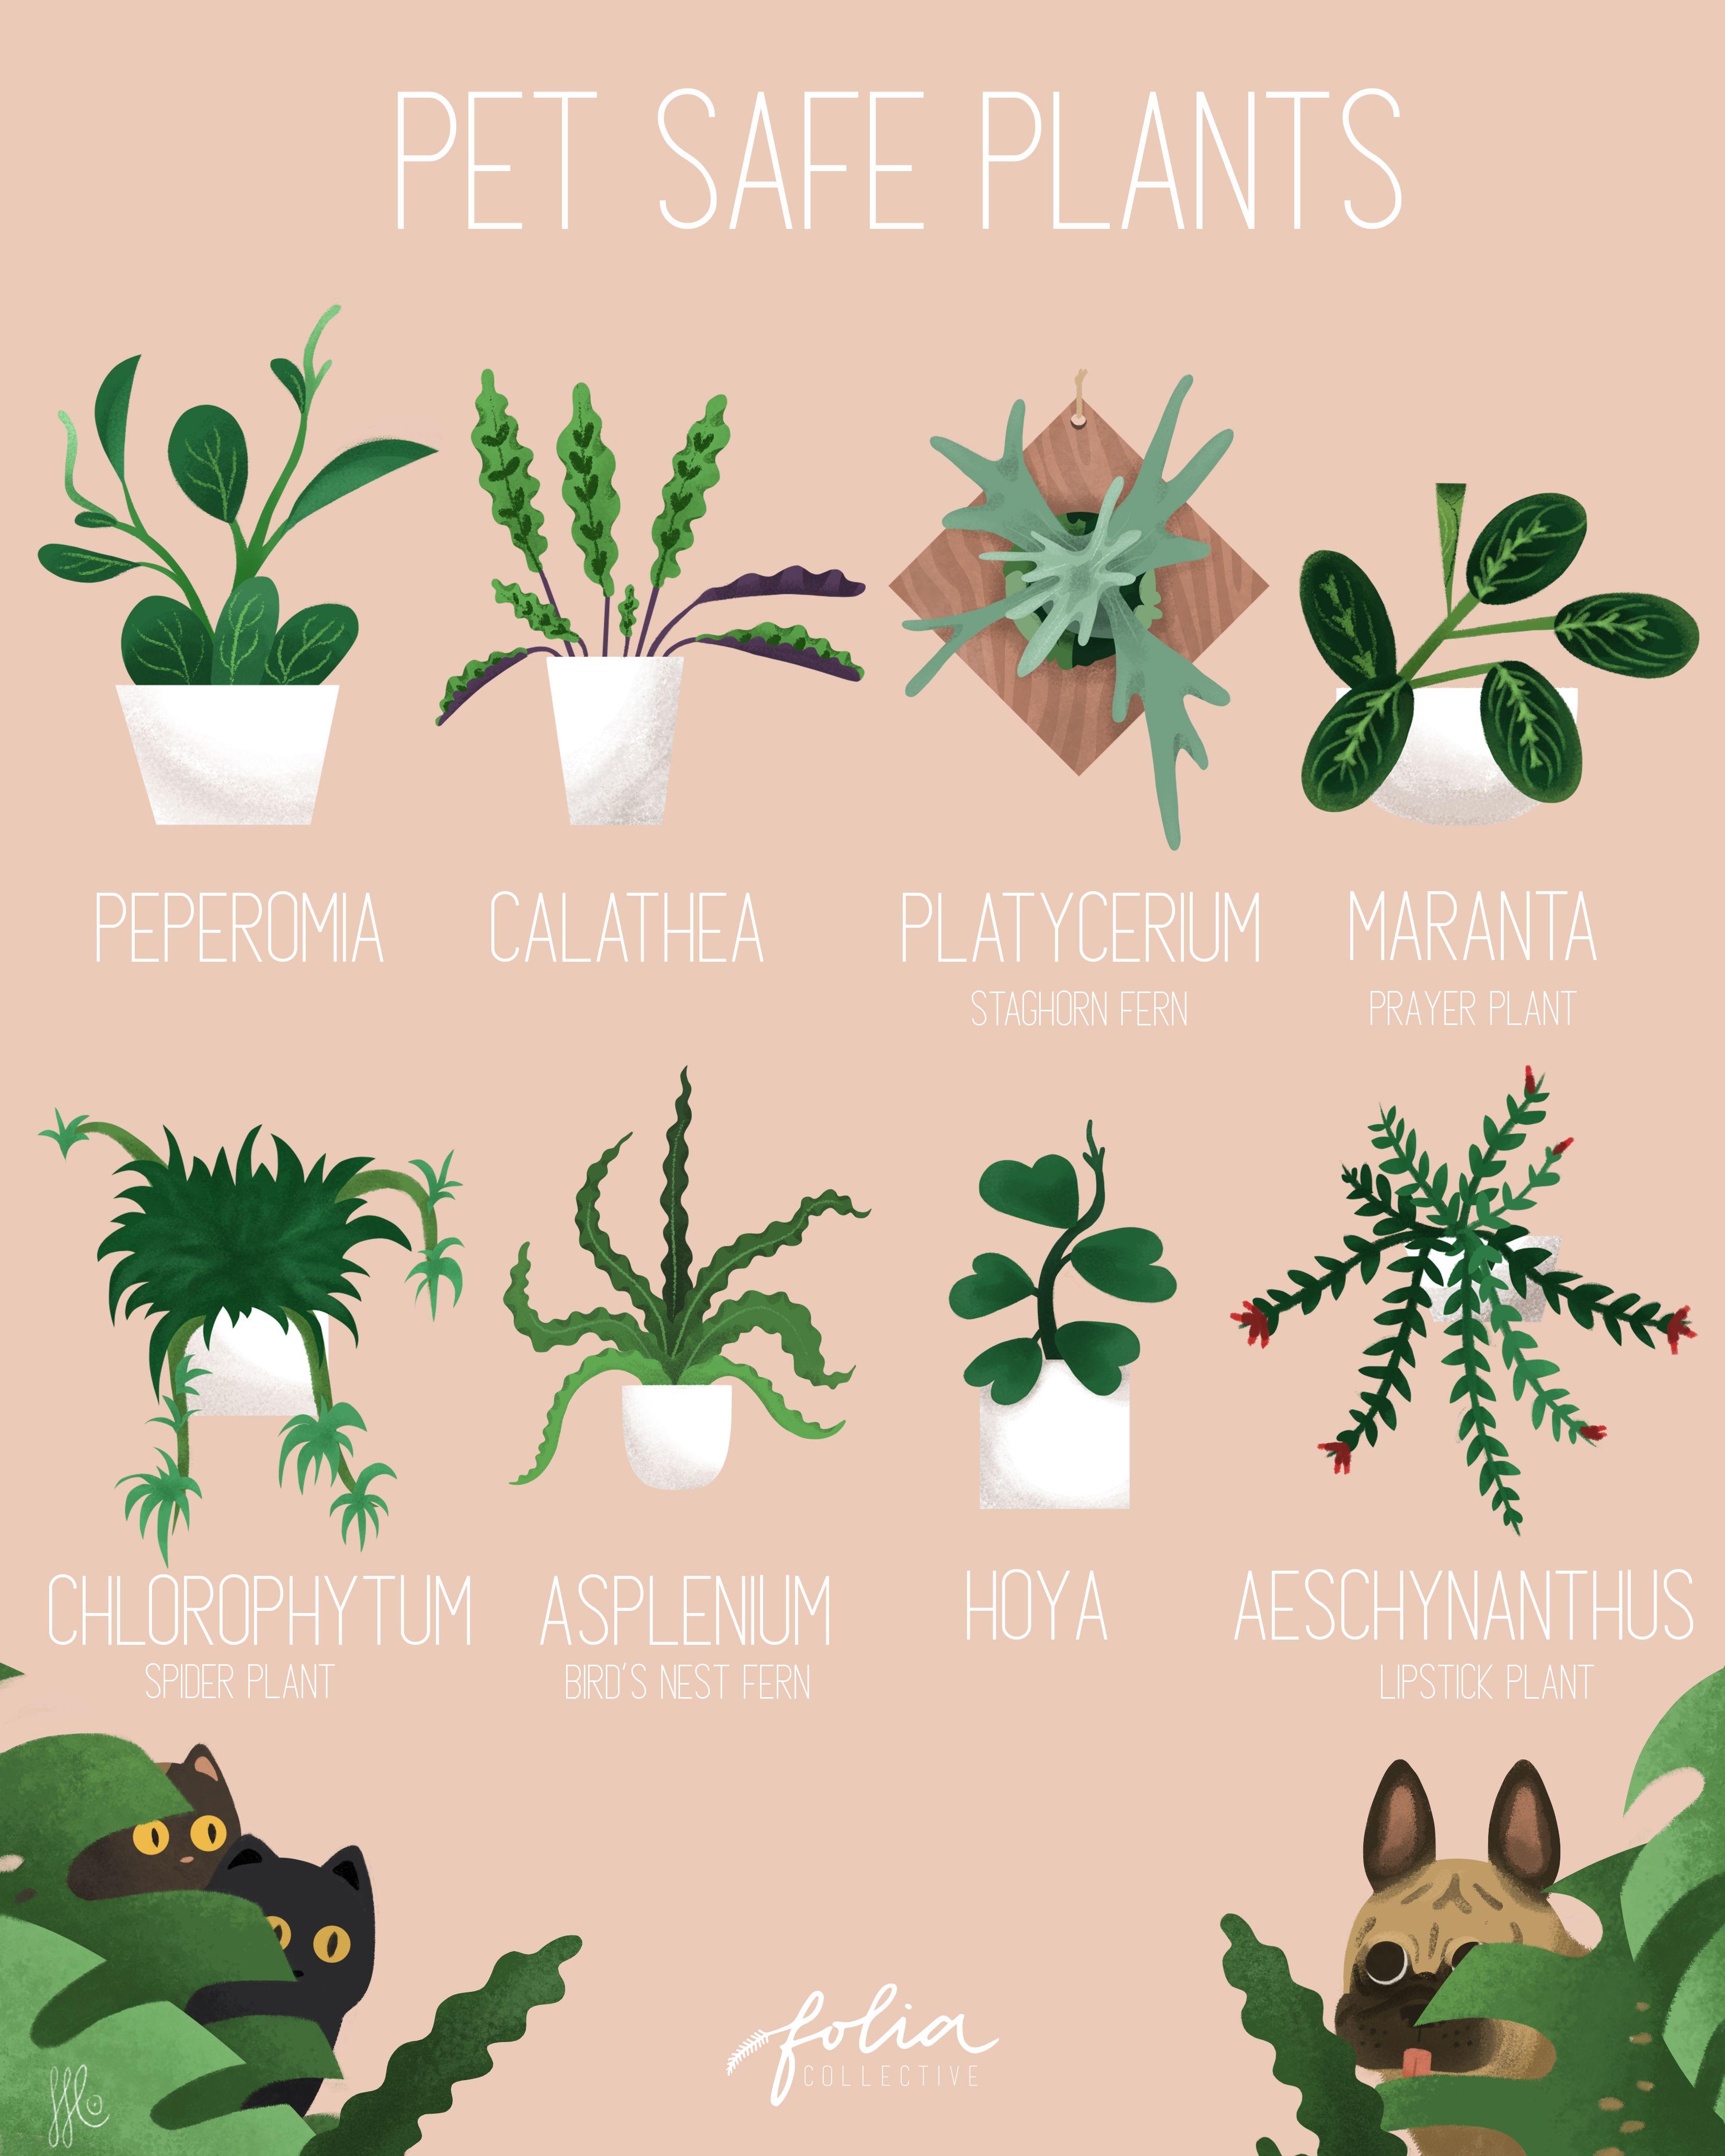 Pet Safe Plants Plants Pet Friendly House Plants Indoor Plants